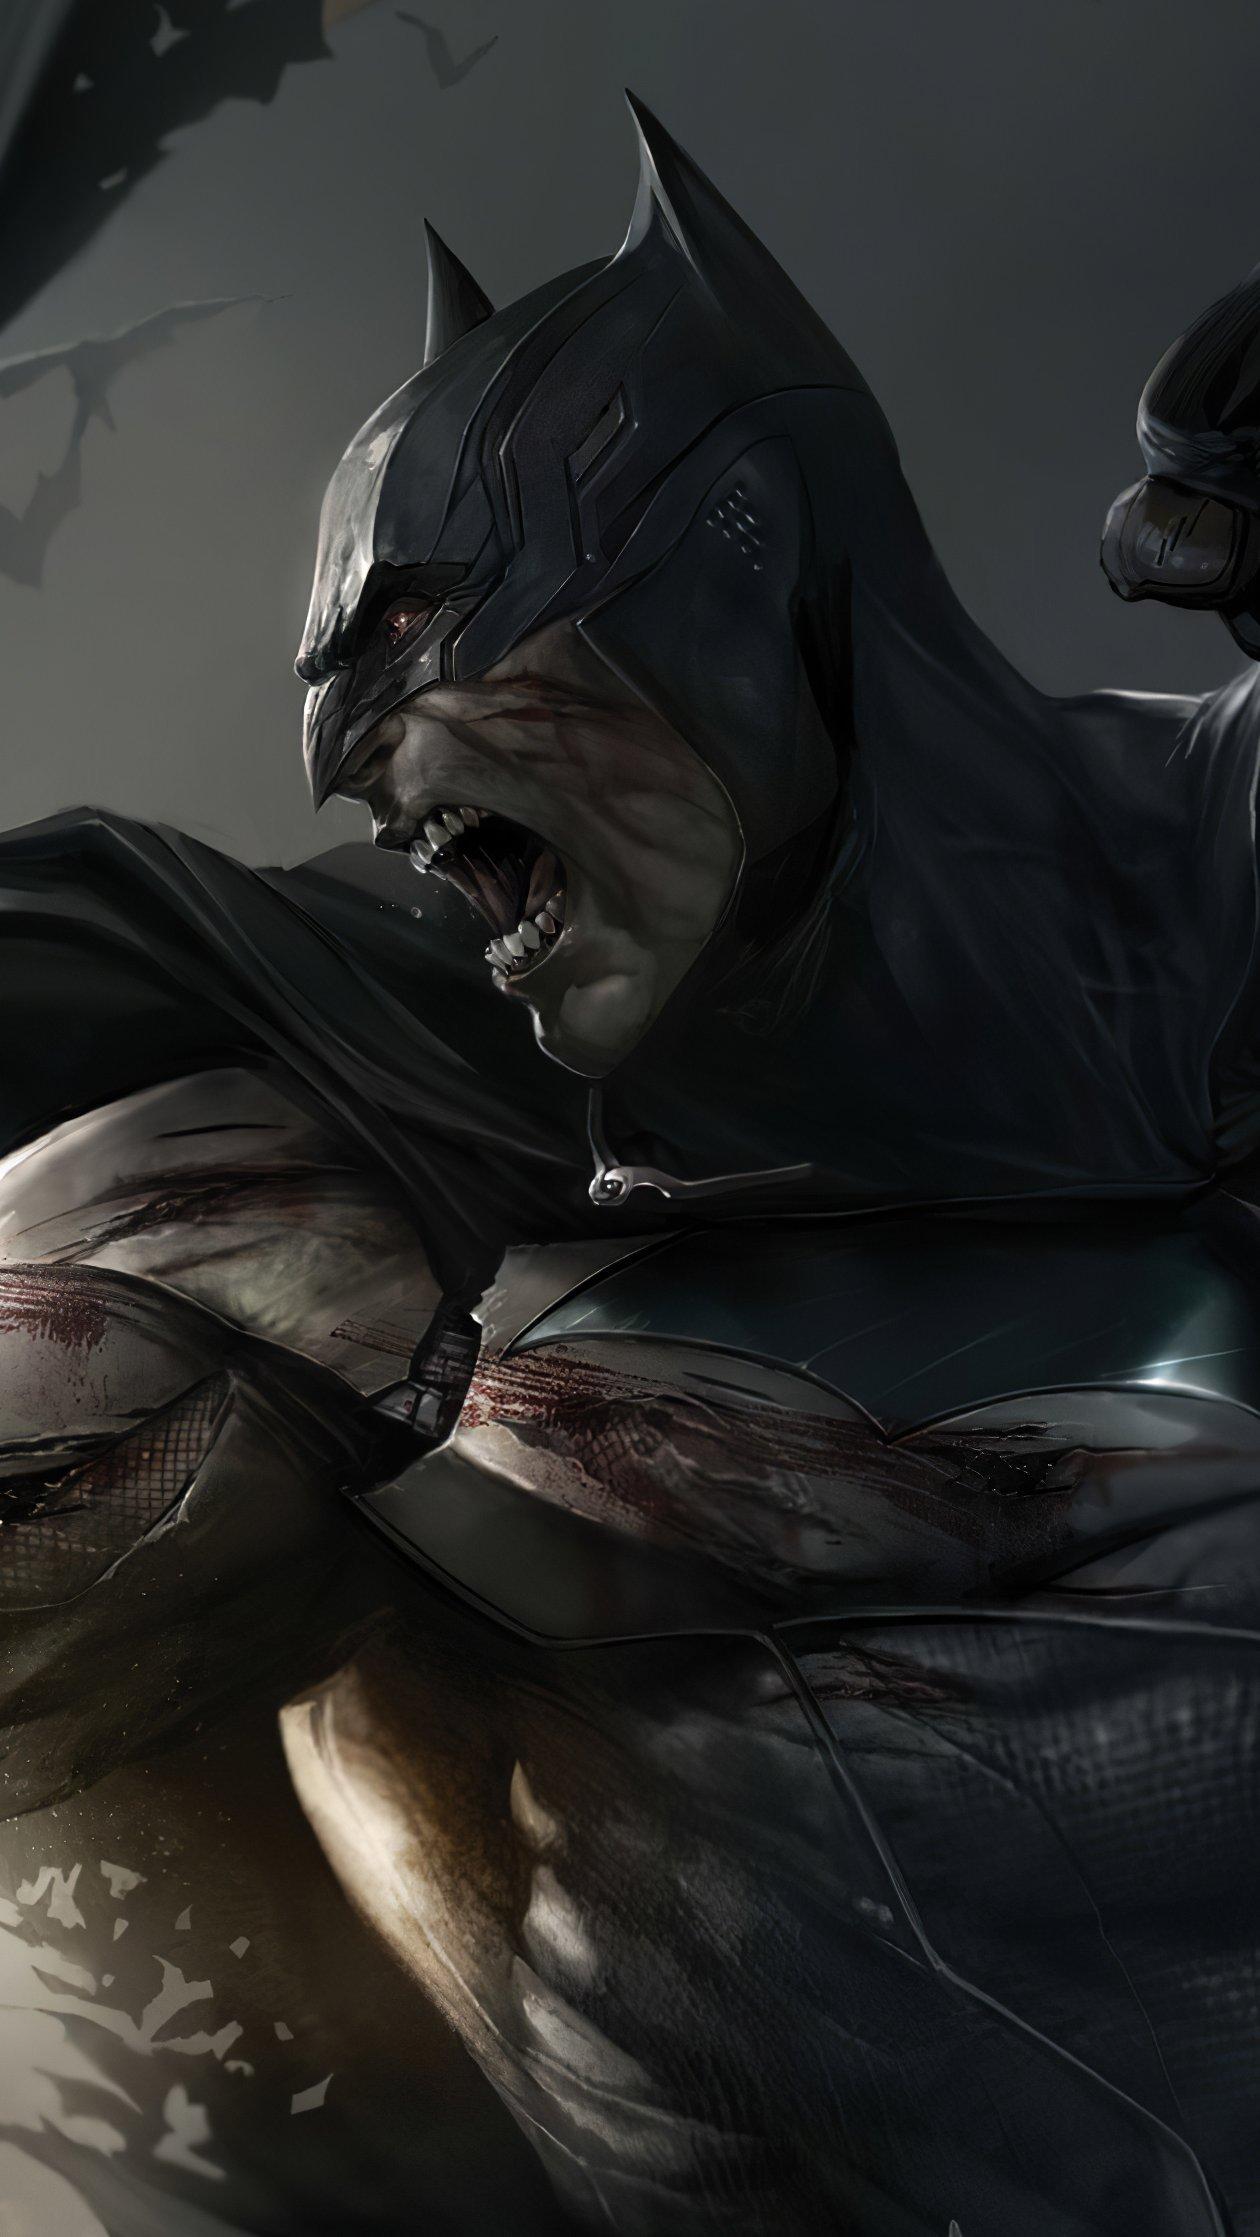 Fondos de pantalla Batman y Deathstroke peleando Vertical